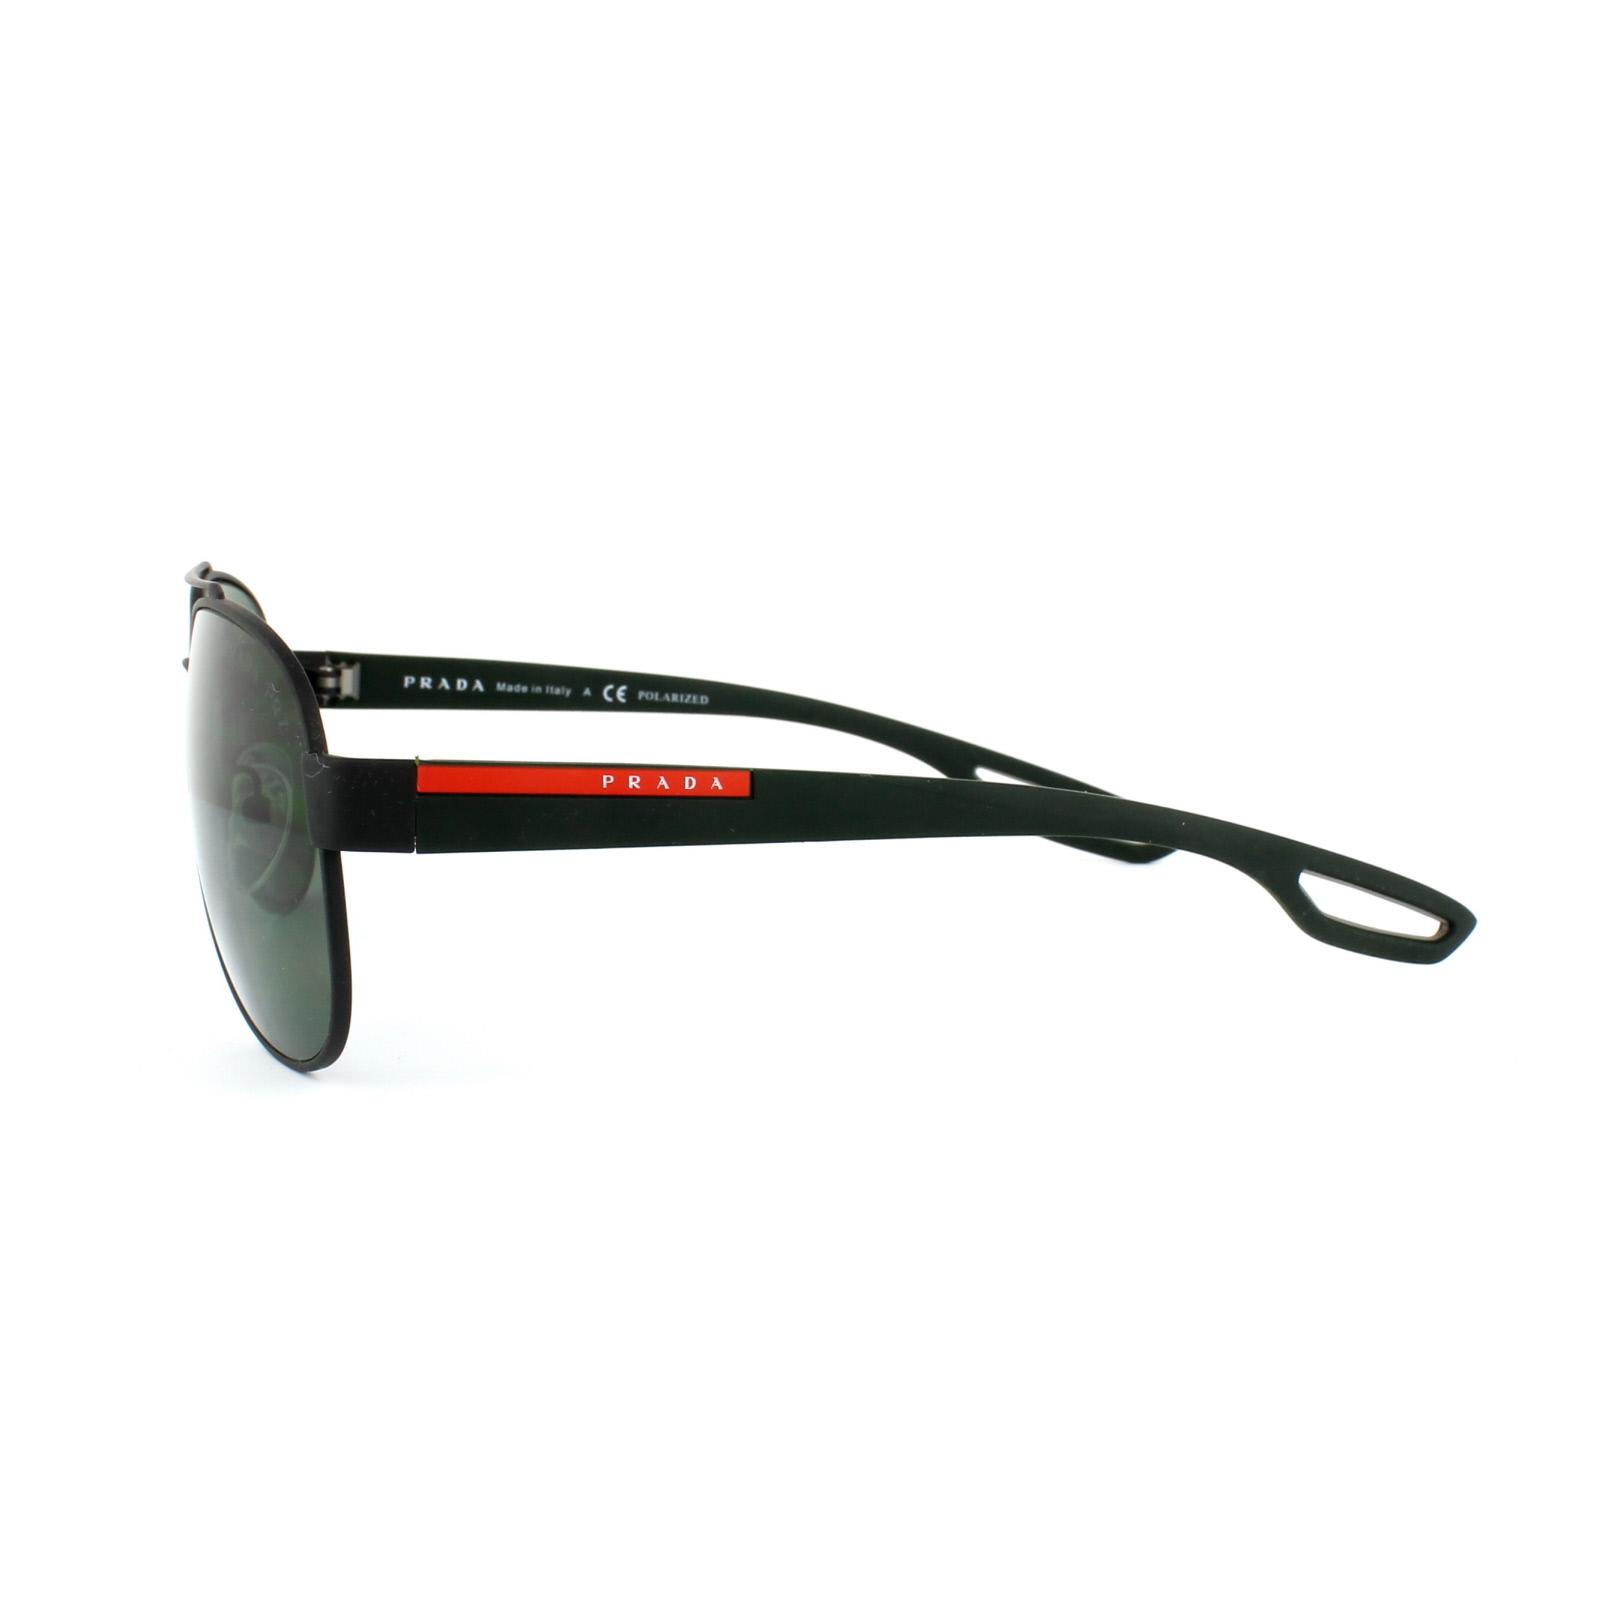 prada sport sonnenbrille 55qs dg05x1 schwarz gummi grau gr n polarisiert ebay. Black Bedroom Furniture Sets. Home Design Ideas